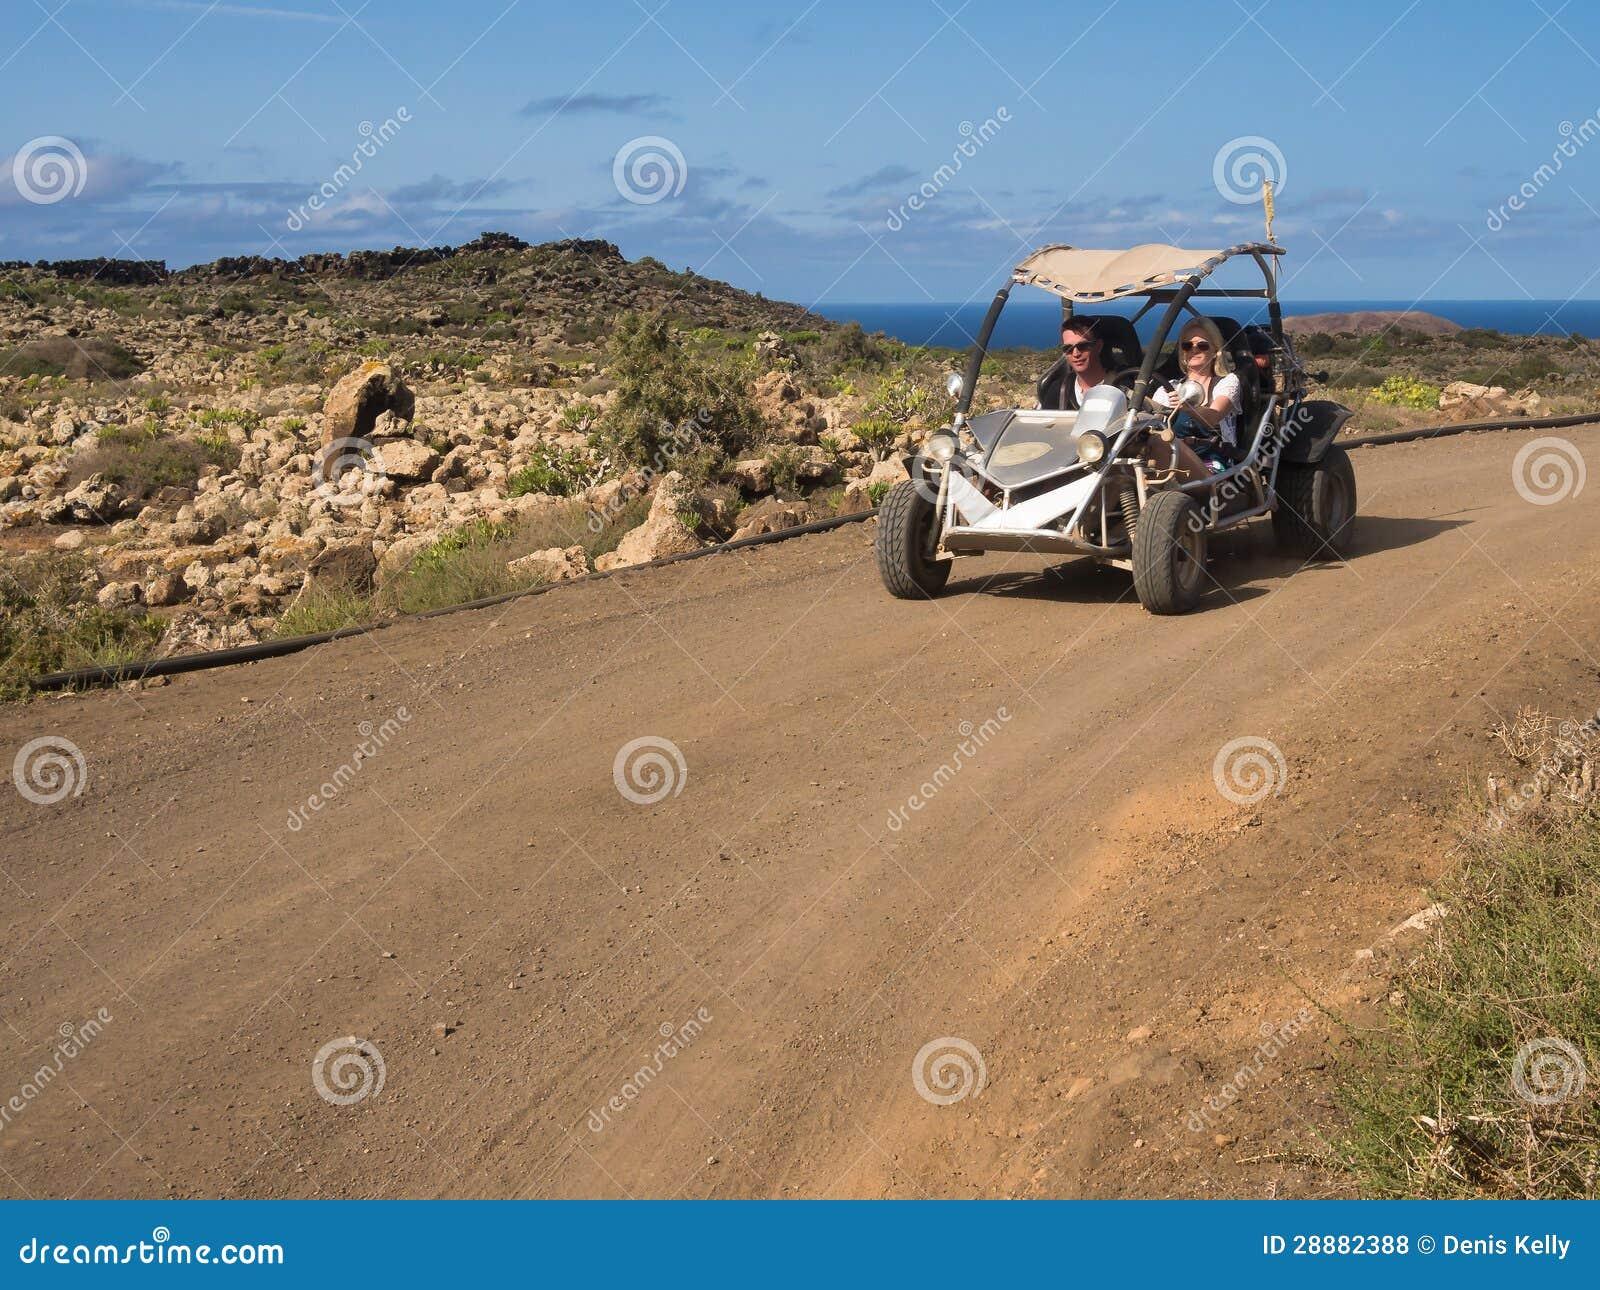 Aventure de poussette dunaire, Îles Canaries